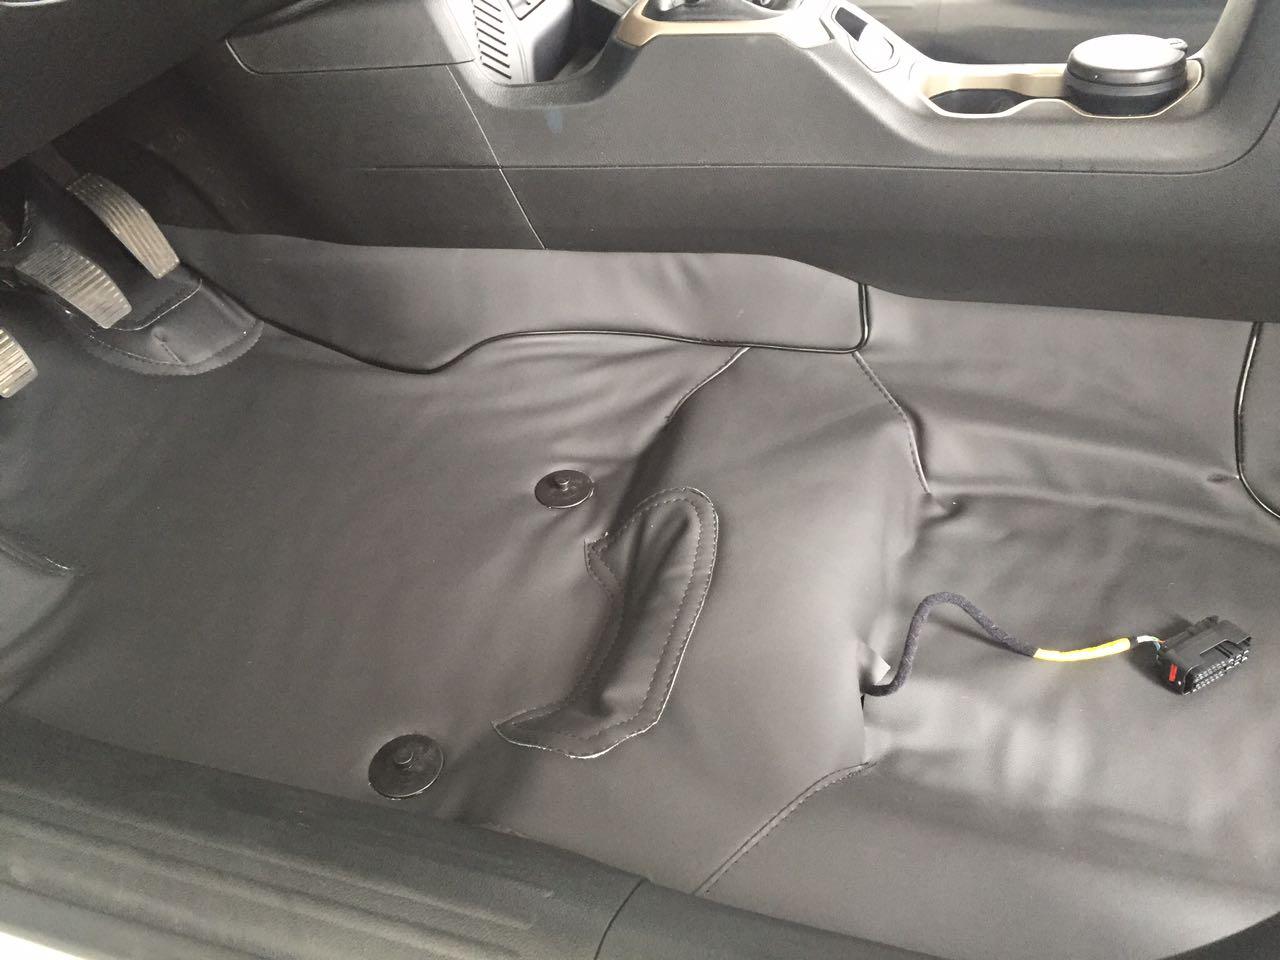 Forro Super Luxo Automotivo Assoalho Para A20 D20 Dupla